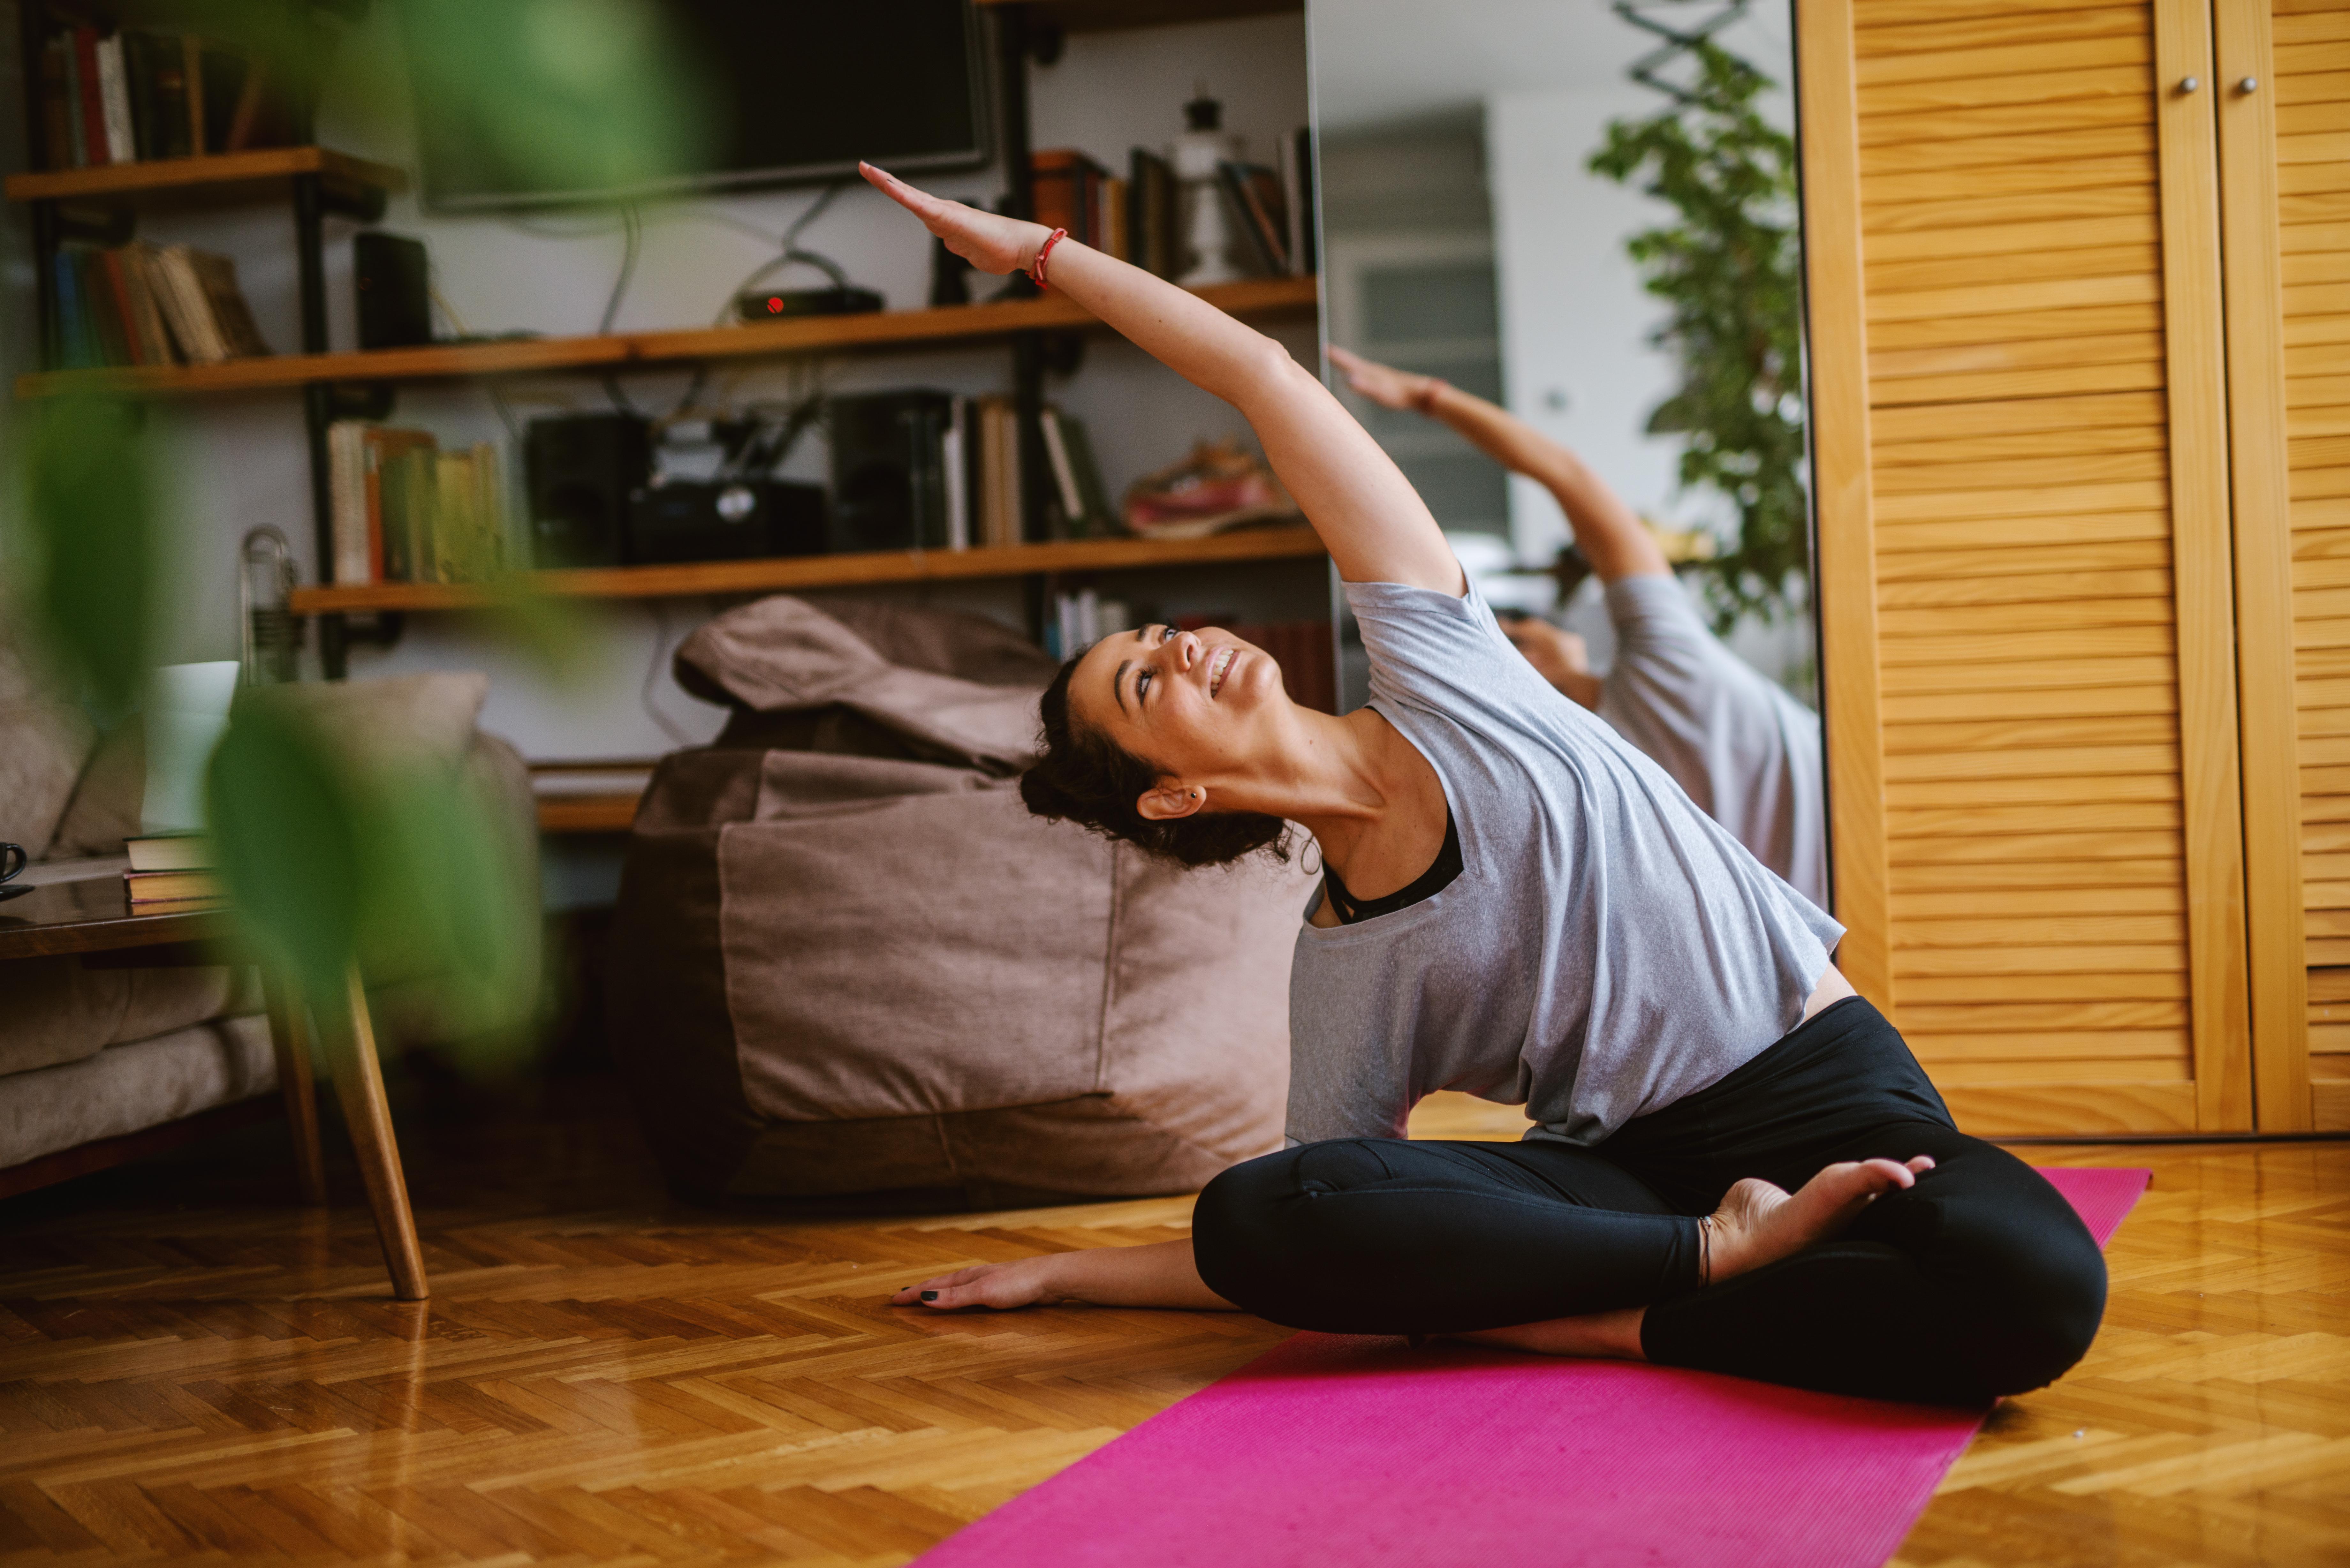 ¿Por qué el yoga te ayuda a mejorar tus vínculos afectivos?